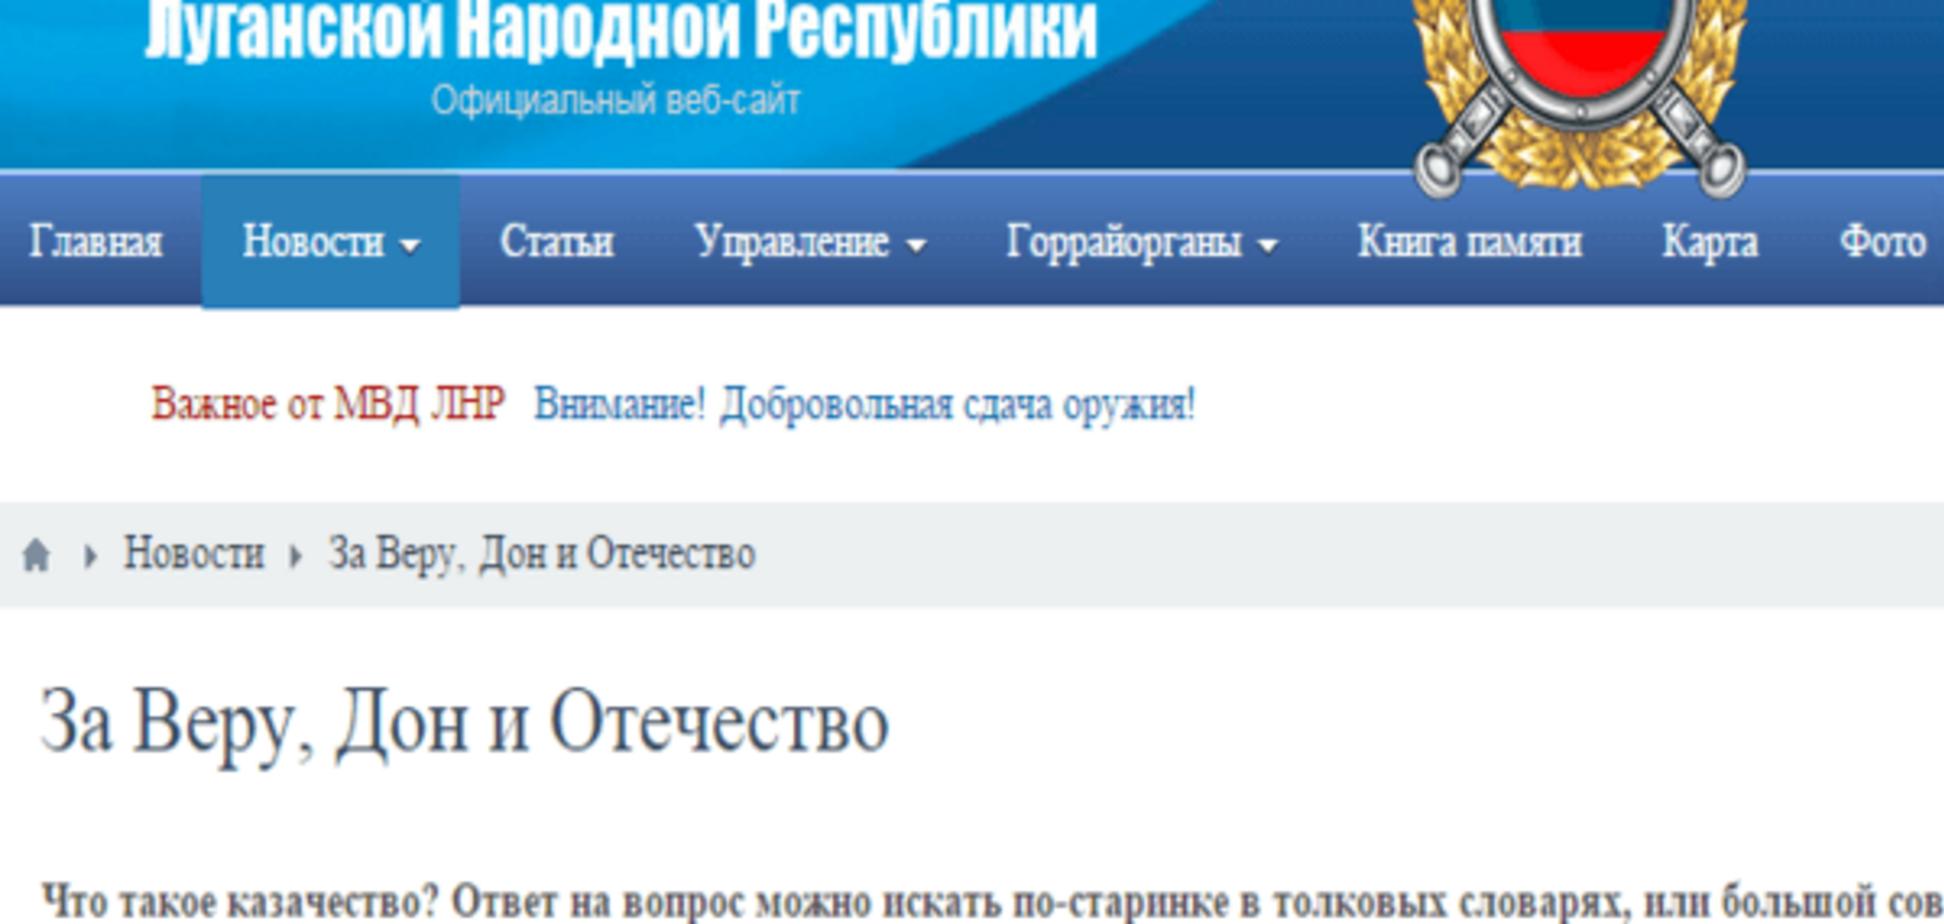 Алло, мы ищем таланты! 'МВД ЛНР' смешит читателей литературными 'новостями' о ЧП